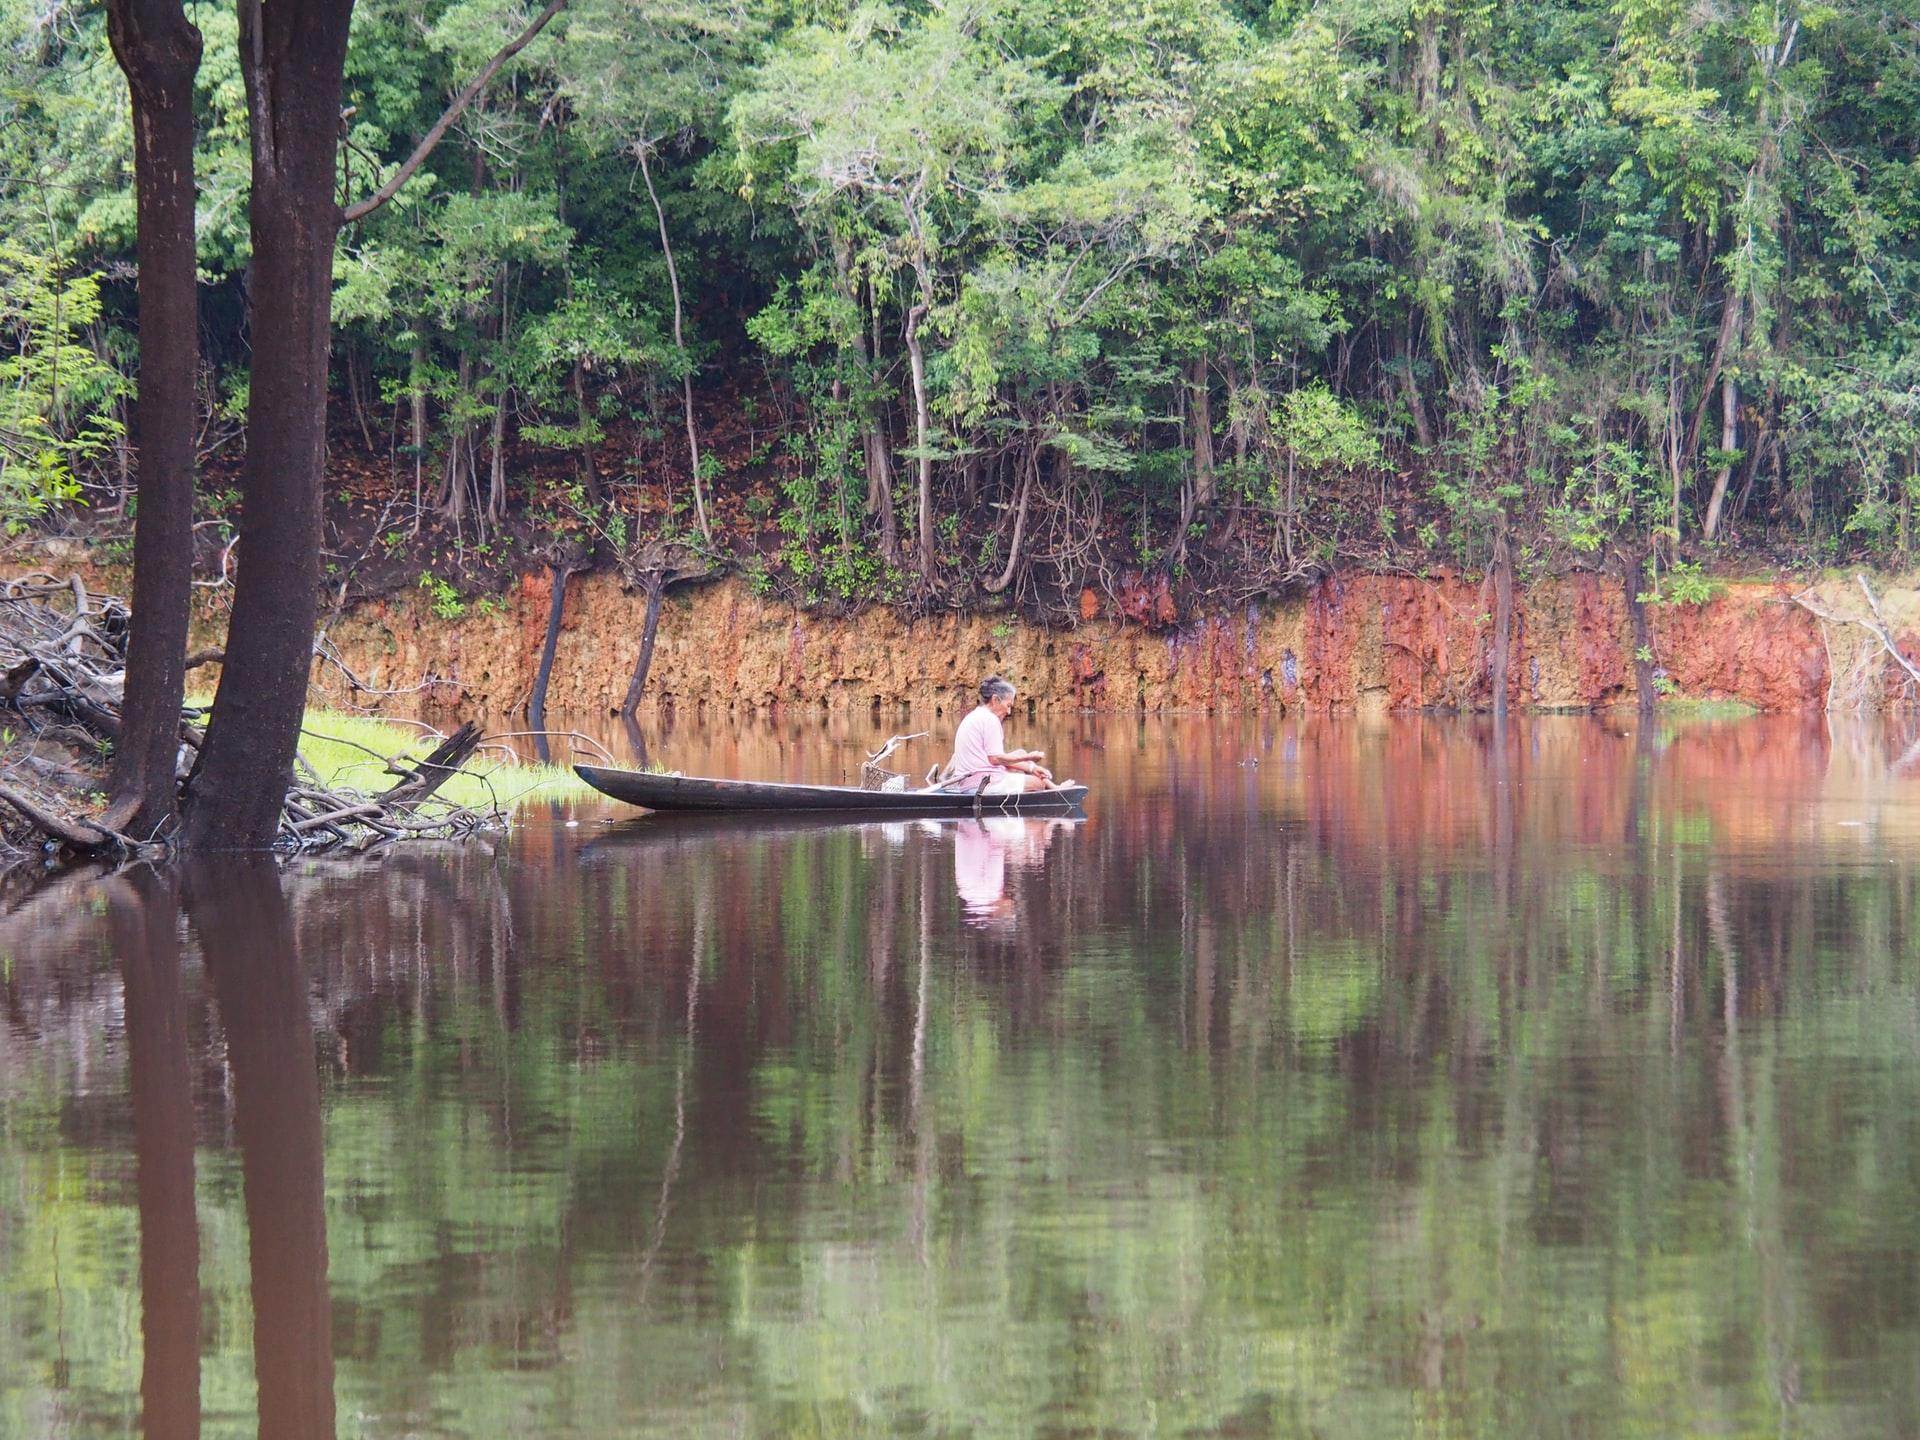 amazonas oslakosok globalis felmelegedes eghajlatvaltozas kornyezetvedelem